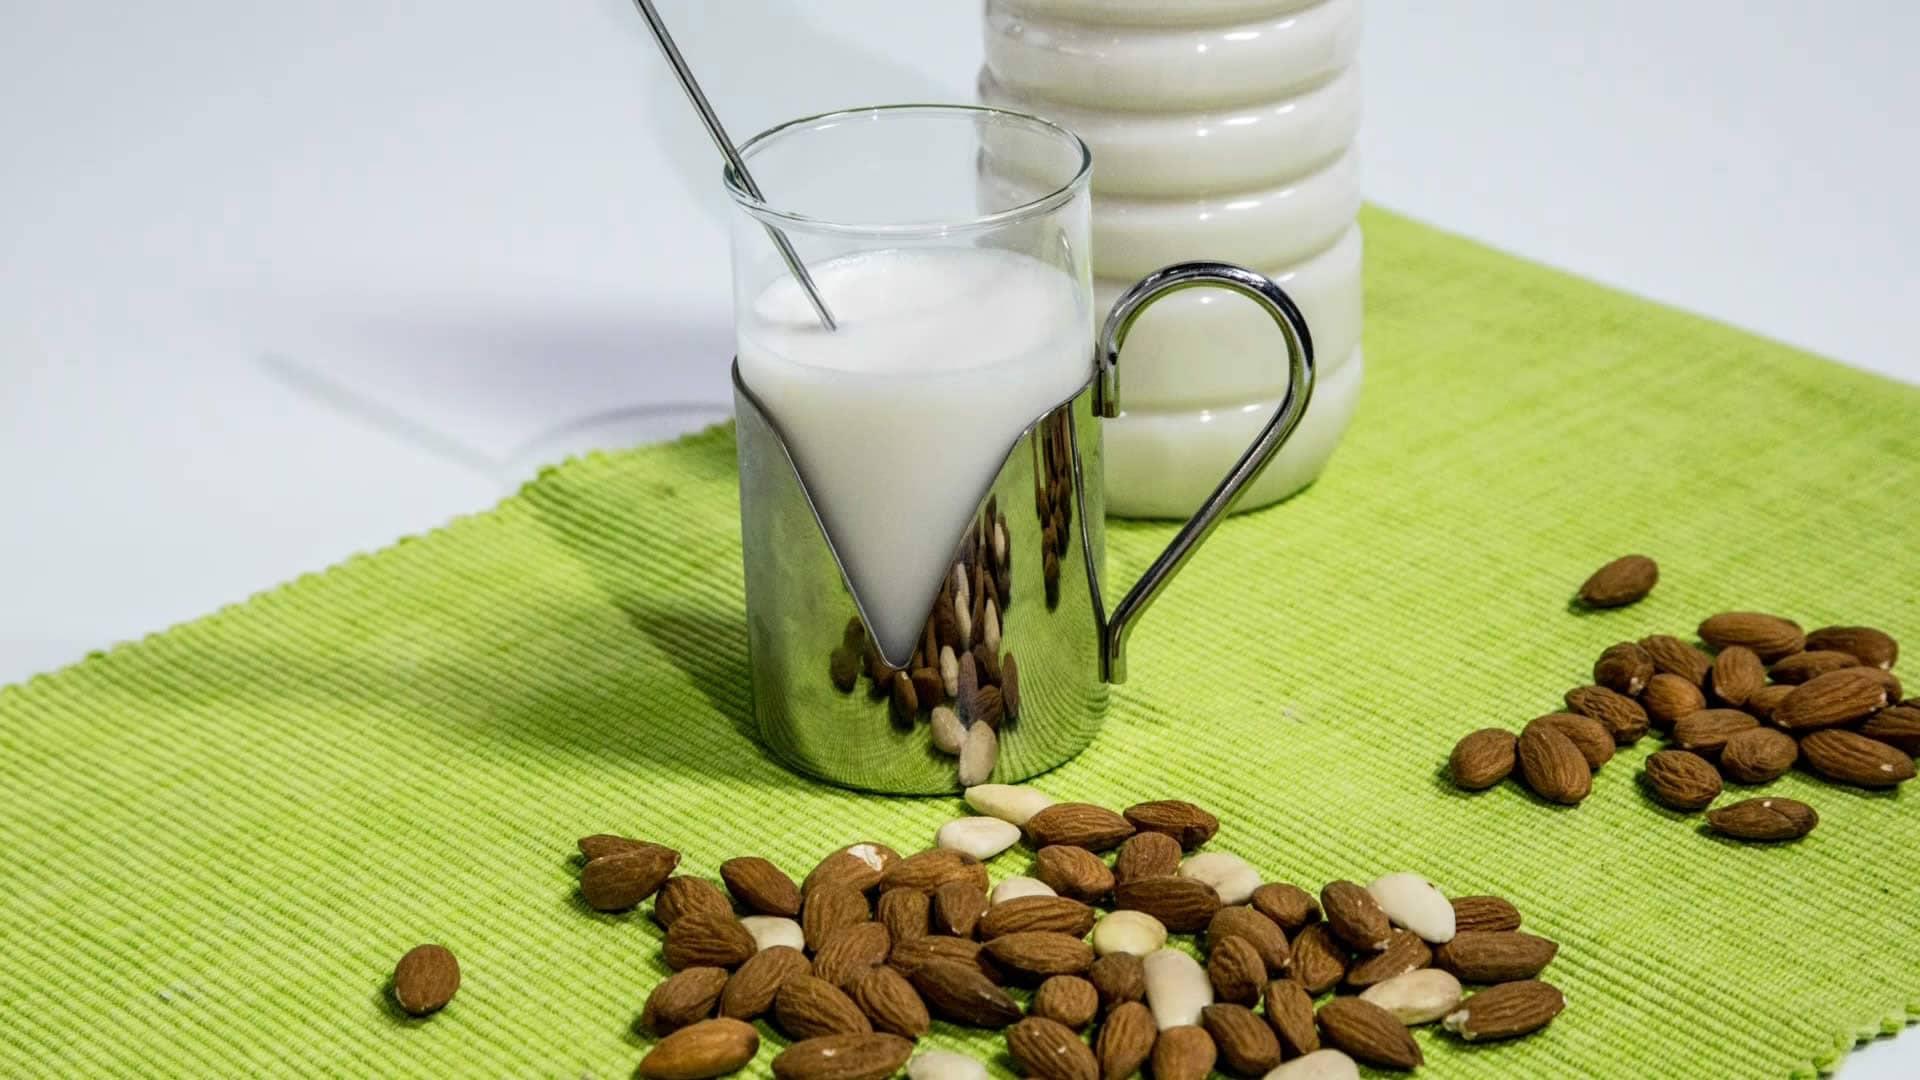 il latte bollente rimuove il grasso